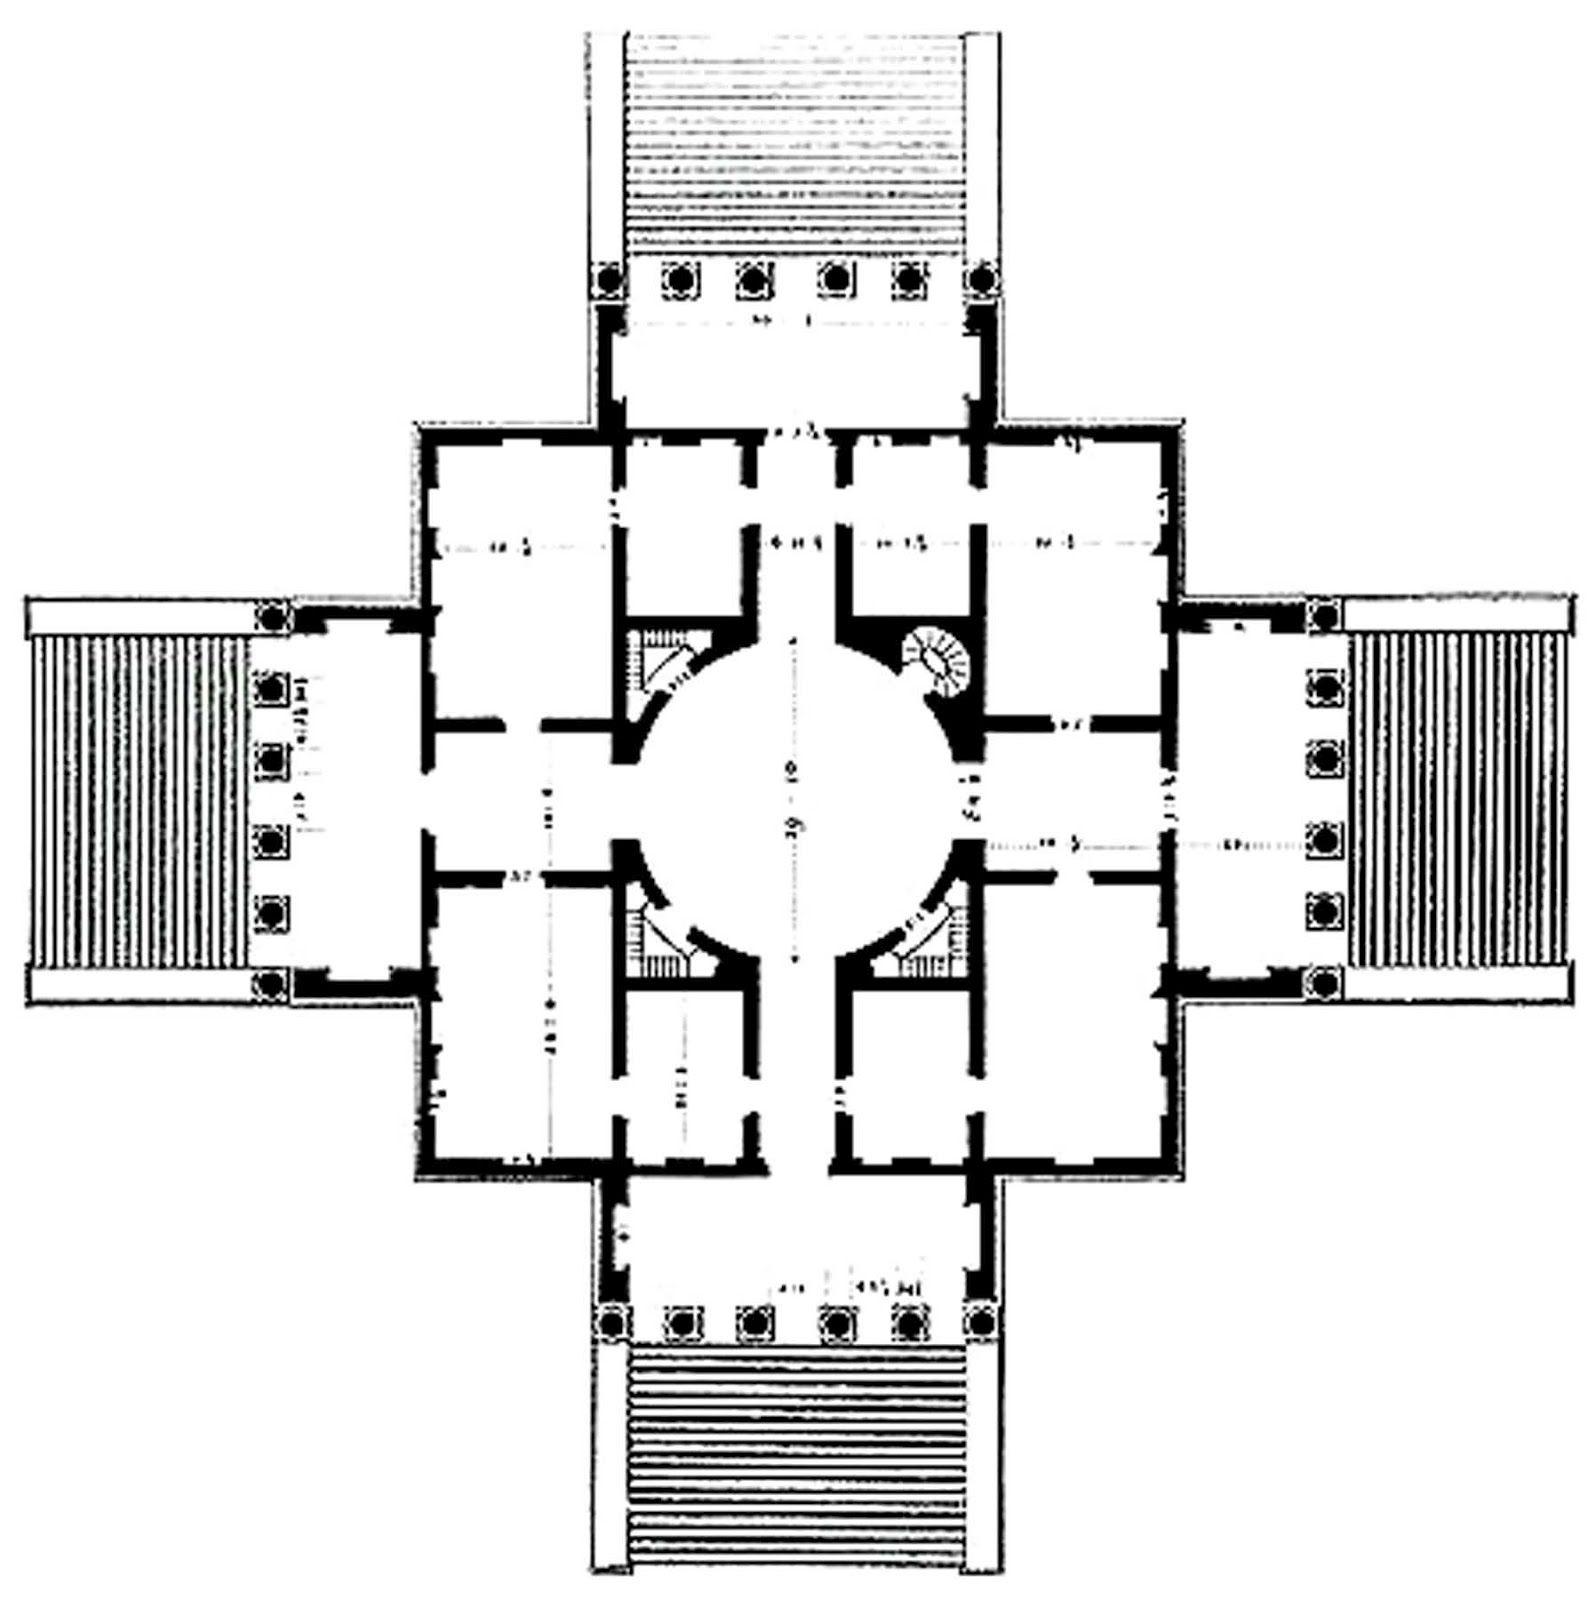 Comparison Palladio Rotonda Plan To Richard Boyle